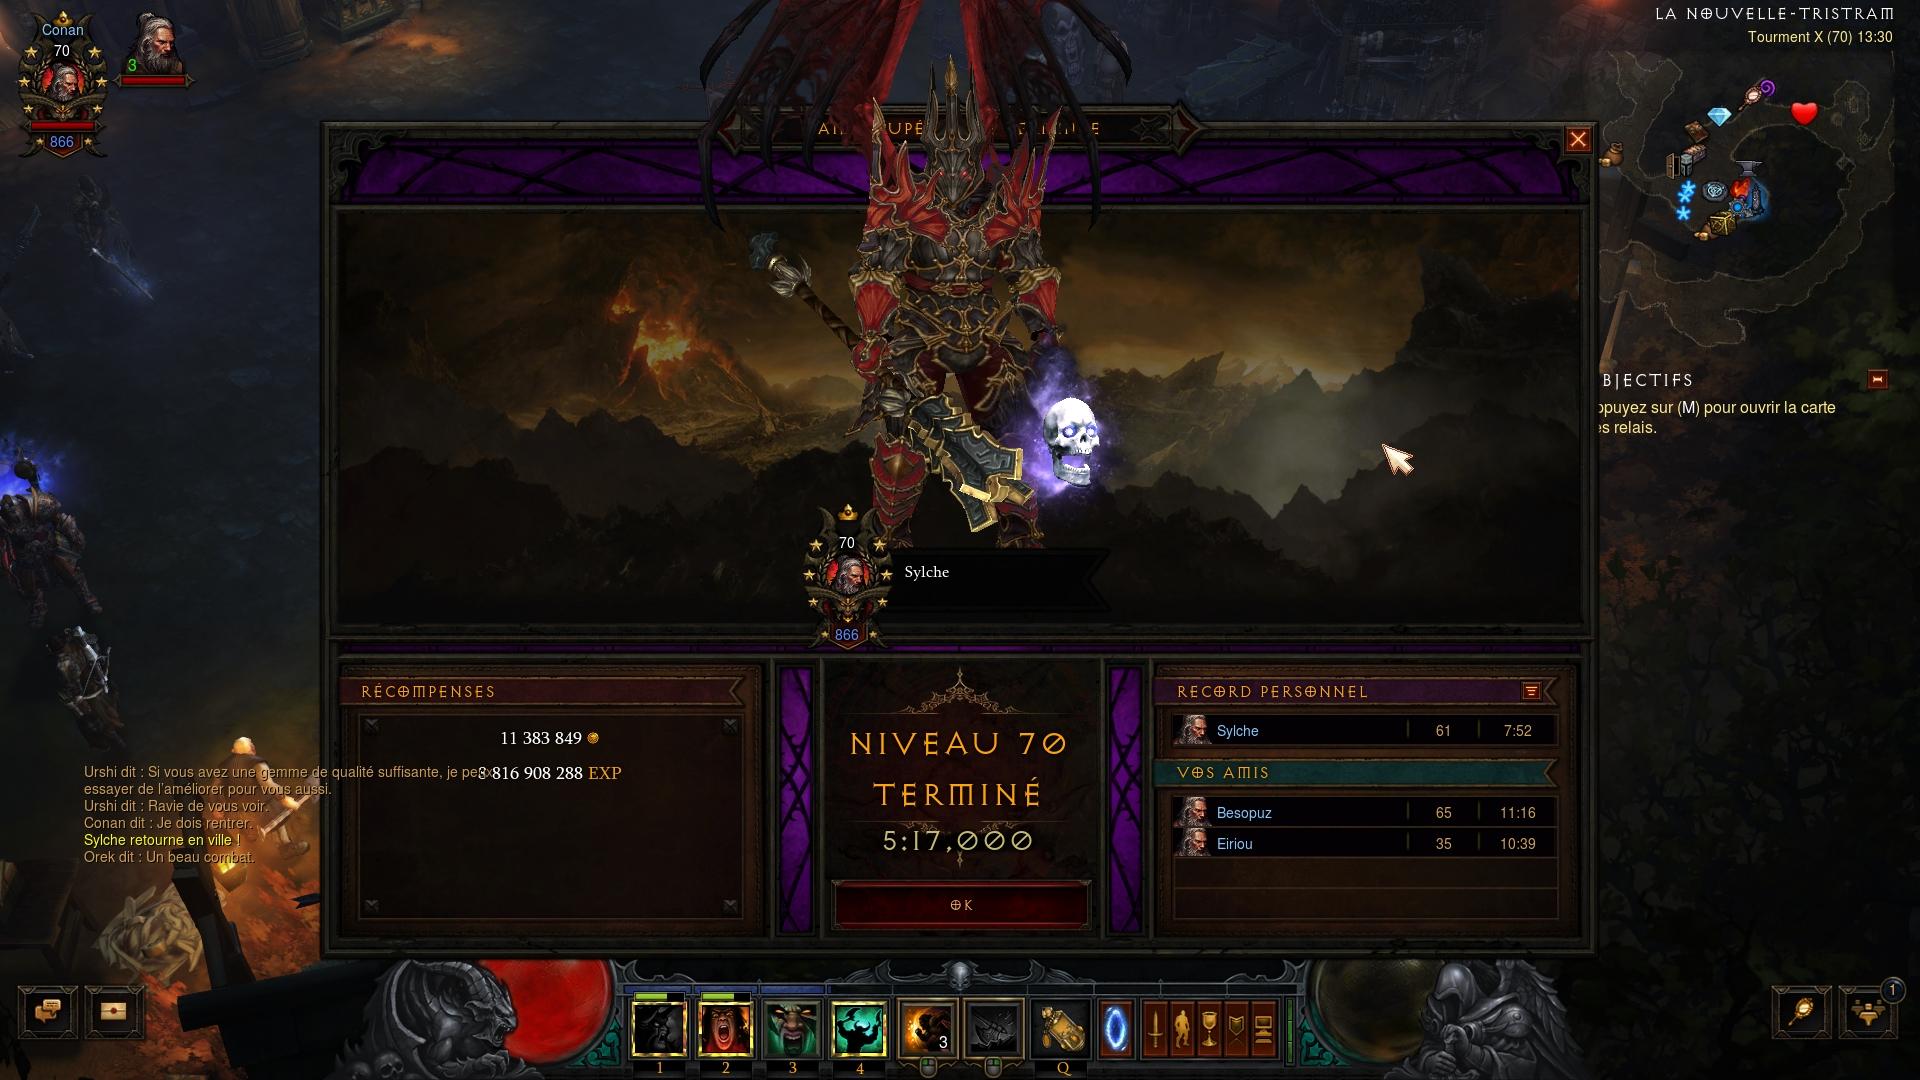 Top Build Barbare Diablo